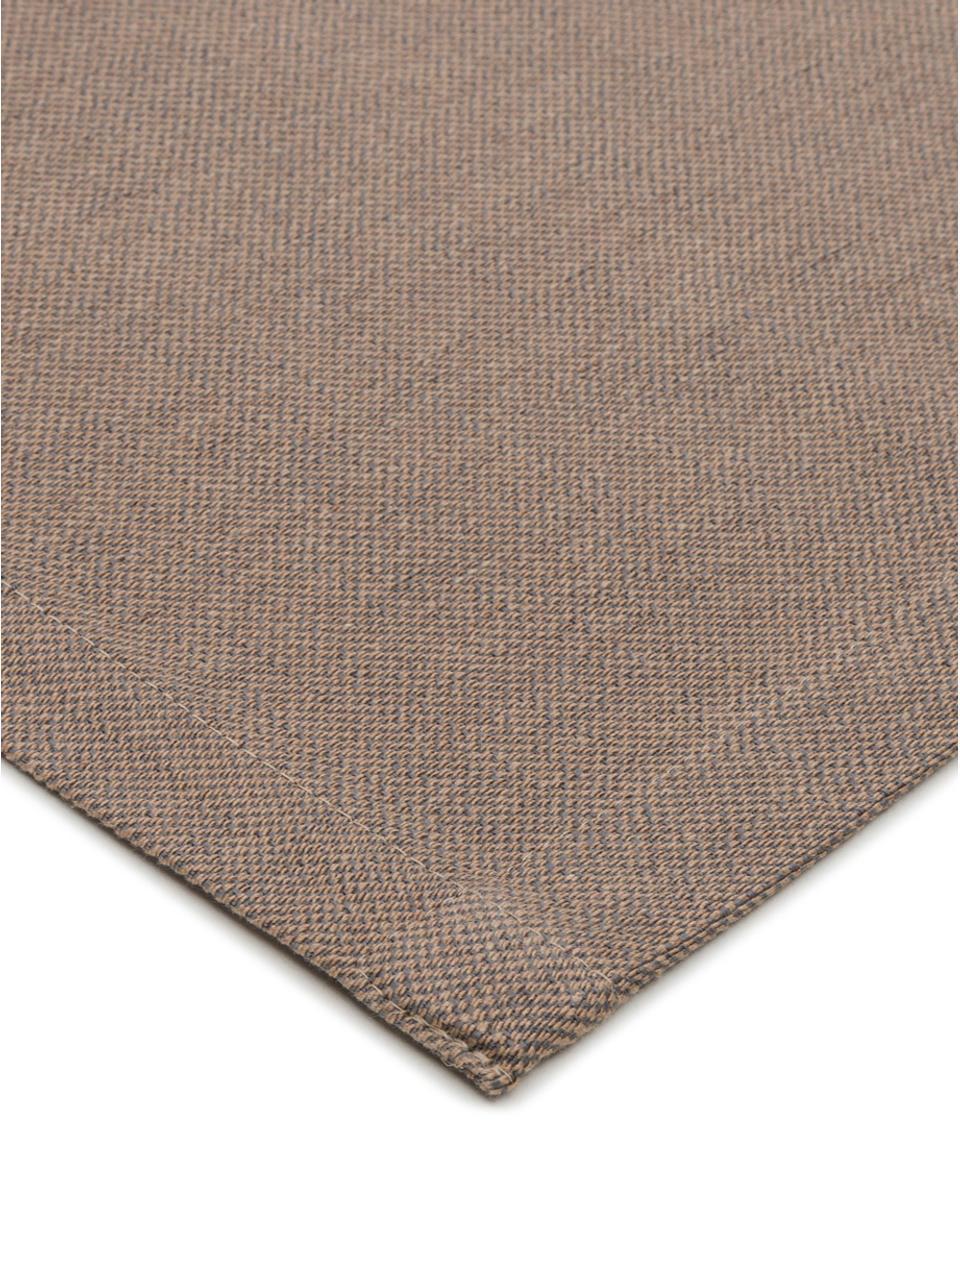 Runner da tavolo Riva, 55% cotone, 45% poliestere, Taupe, Larg. 40 x Lung. 150 cm